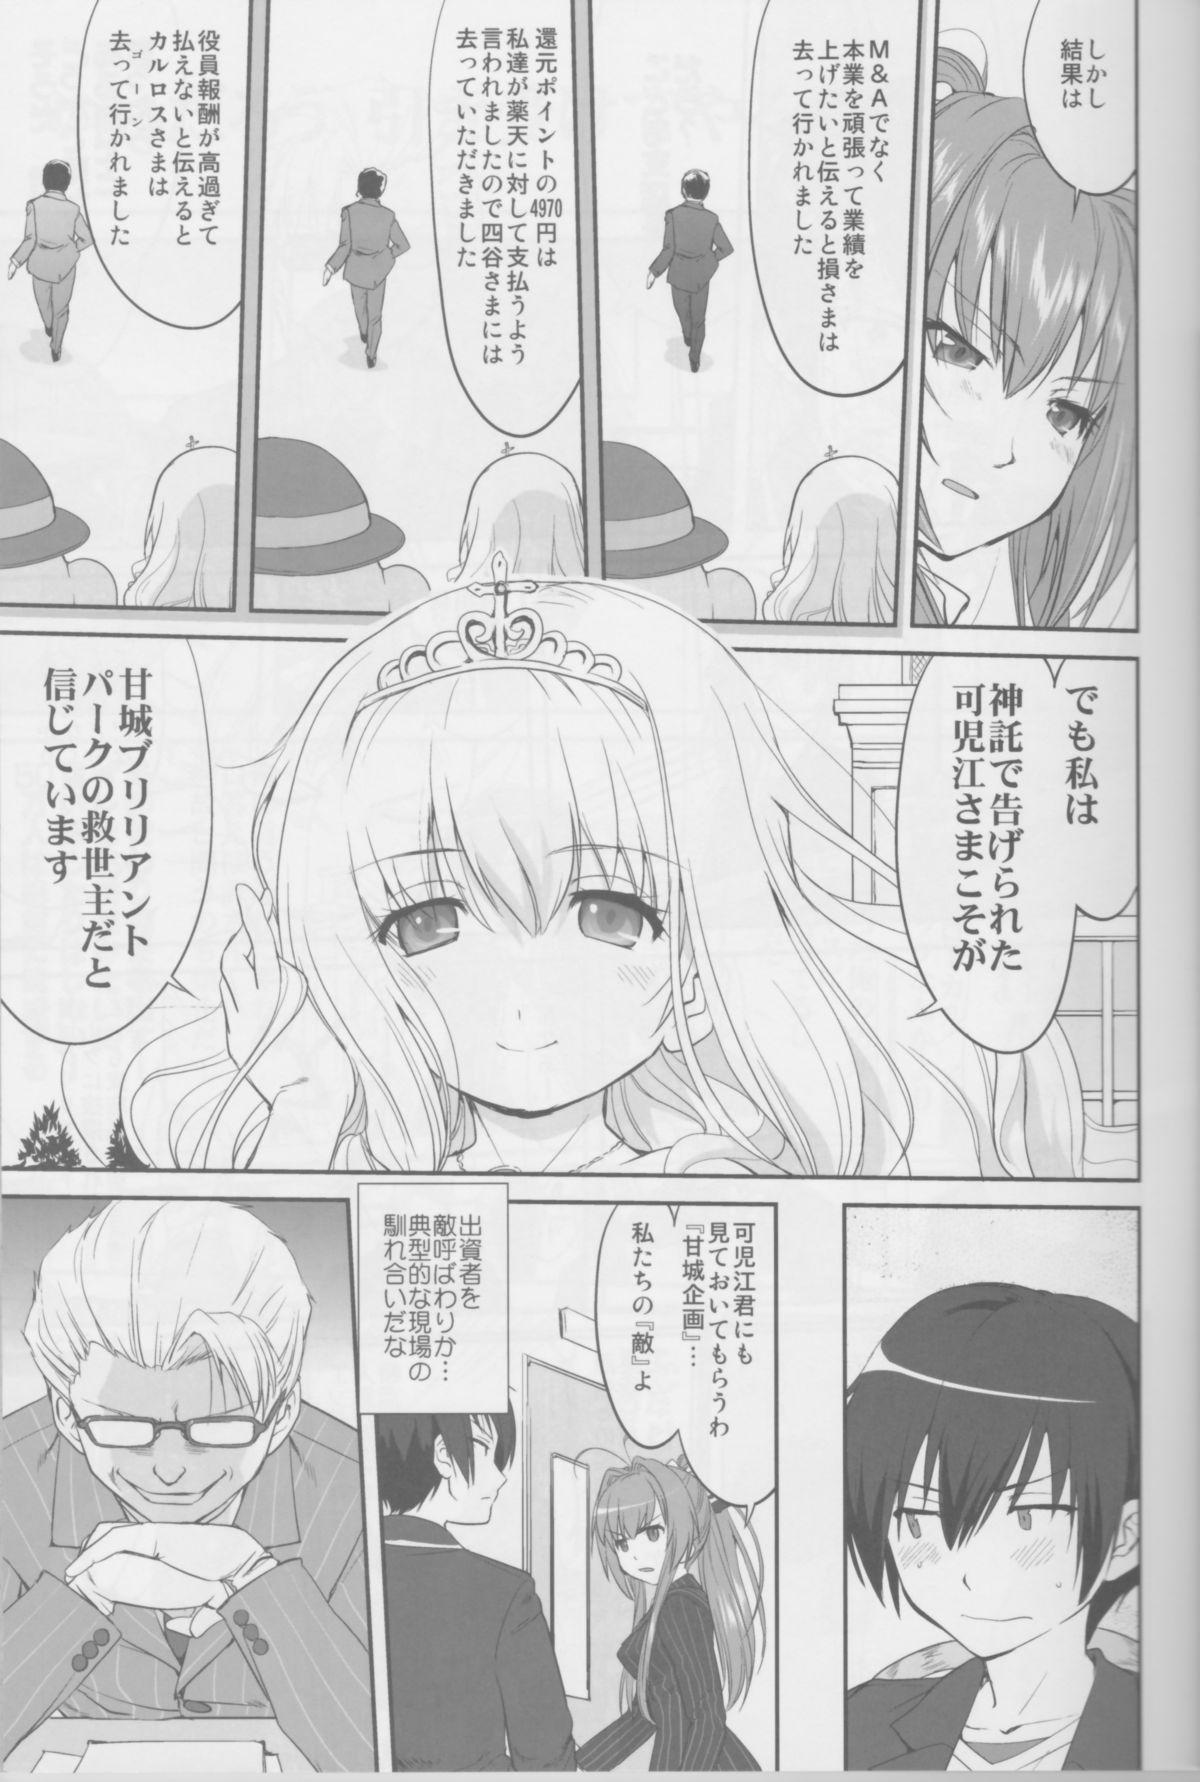 Amagi Strip Gekijou 7